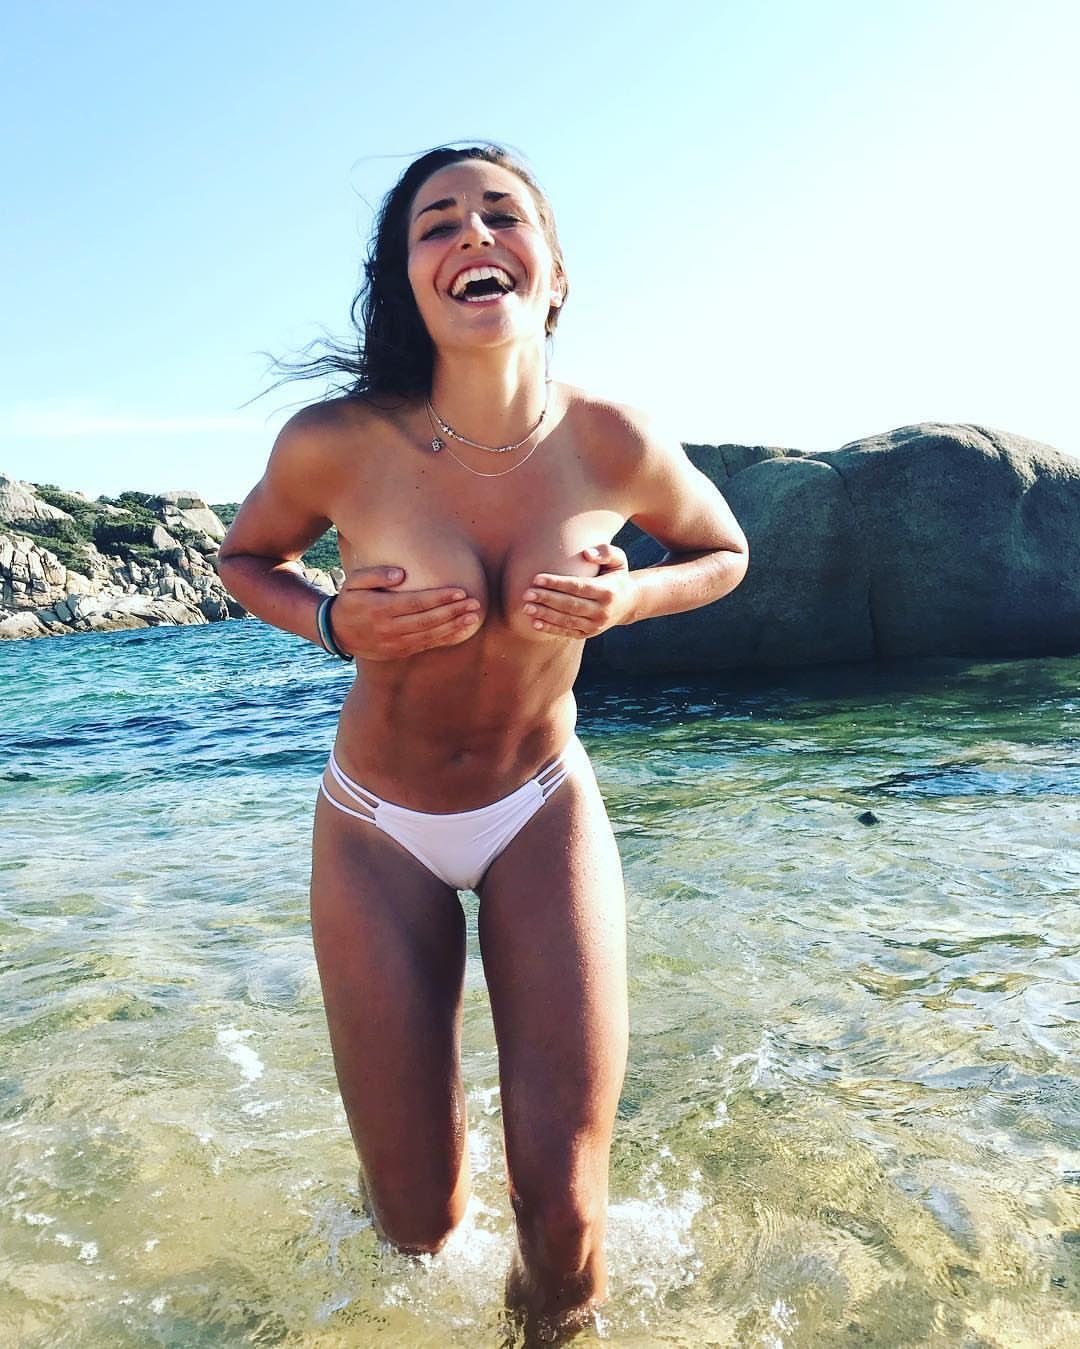 Beatrice Negretti Girl Online Cam Girls Bikinis